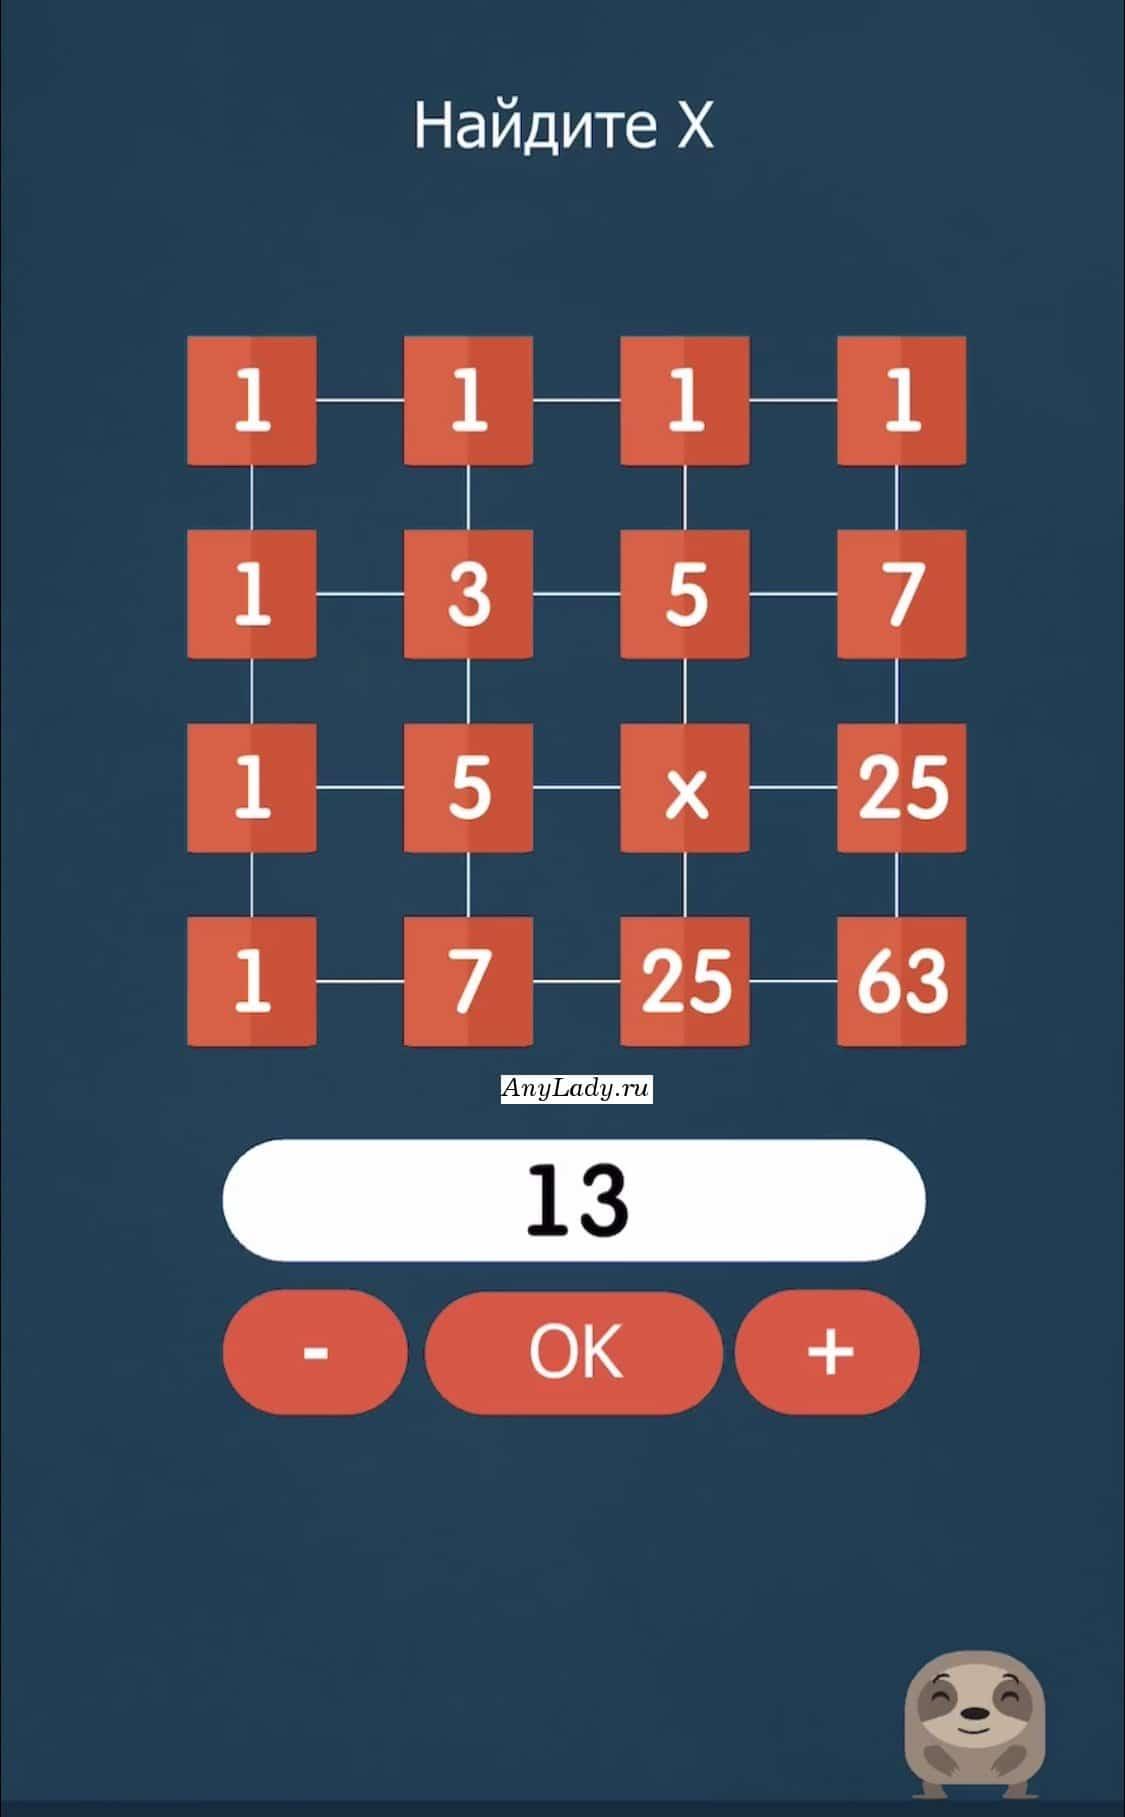 Решите заданный уровень и найдите неизвестный X.